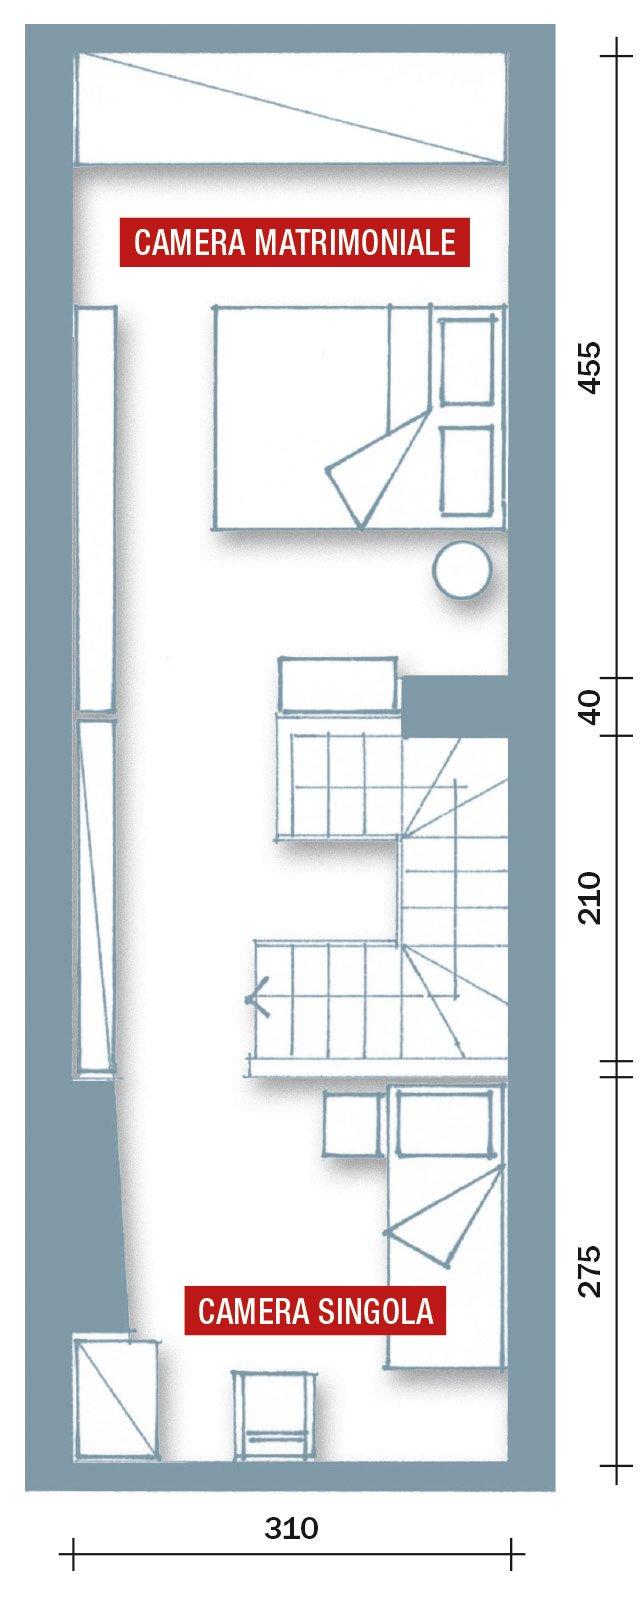 Casabook immobiliare una casa stretta e lunga che for Camera letto stretta e lunga